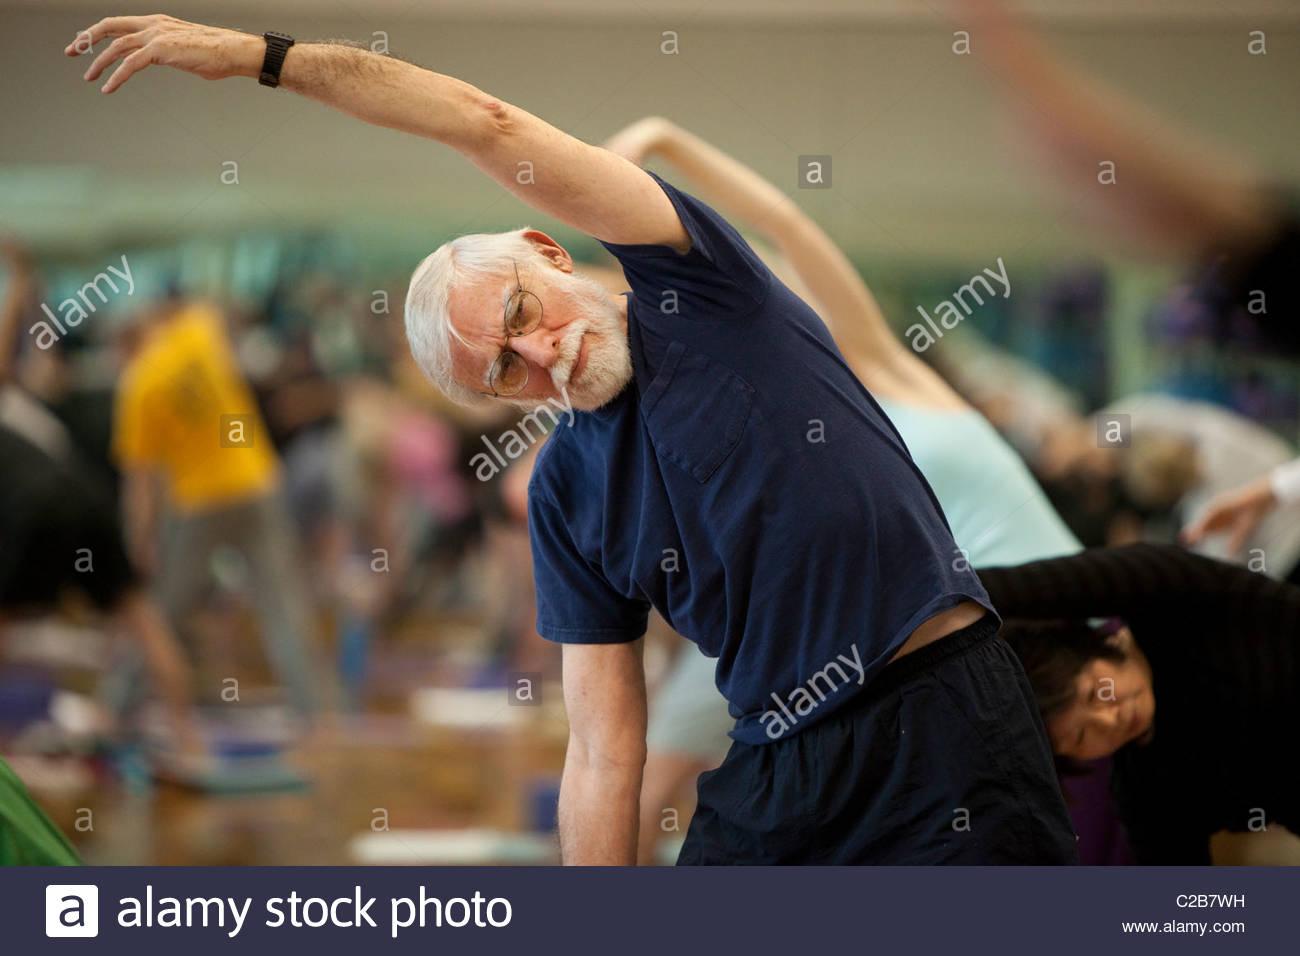 Un estiramiento lateral pose en una clase de yoga. Foto de stock